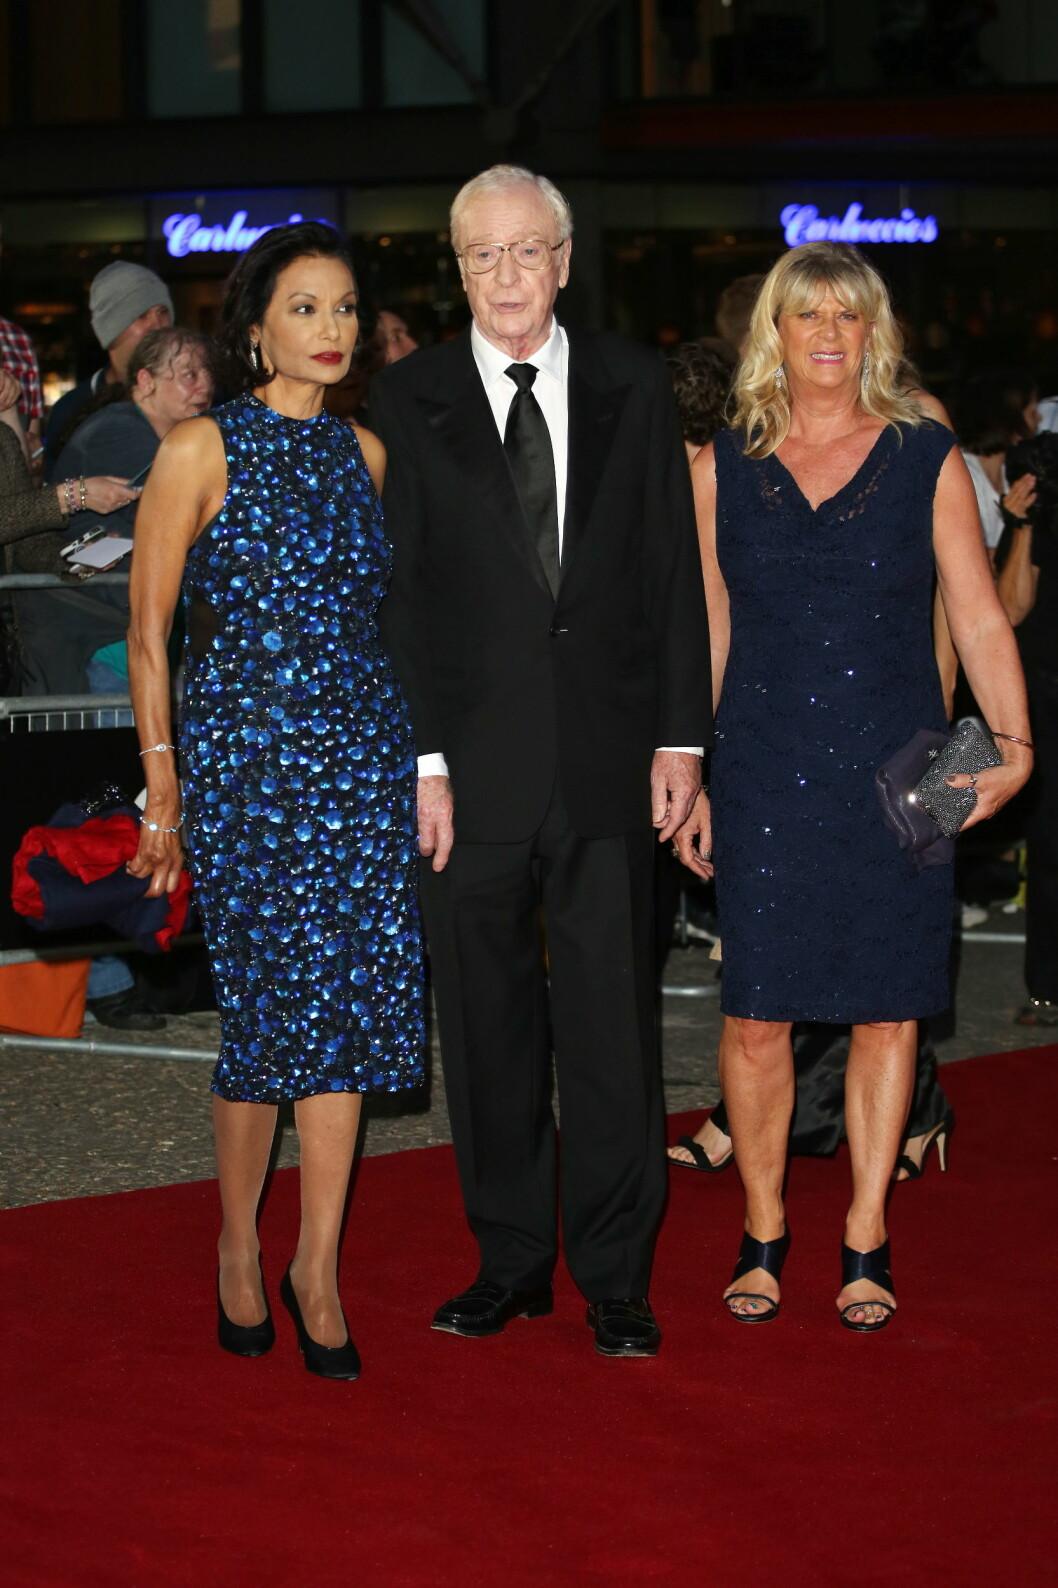 KASTET GLANS: Skuespillerlegenden Michael Caine hadde med seg kona Shakira Caine og fikk prisen for å være Årets legende.  Foto: wenn.com